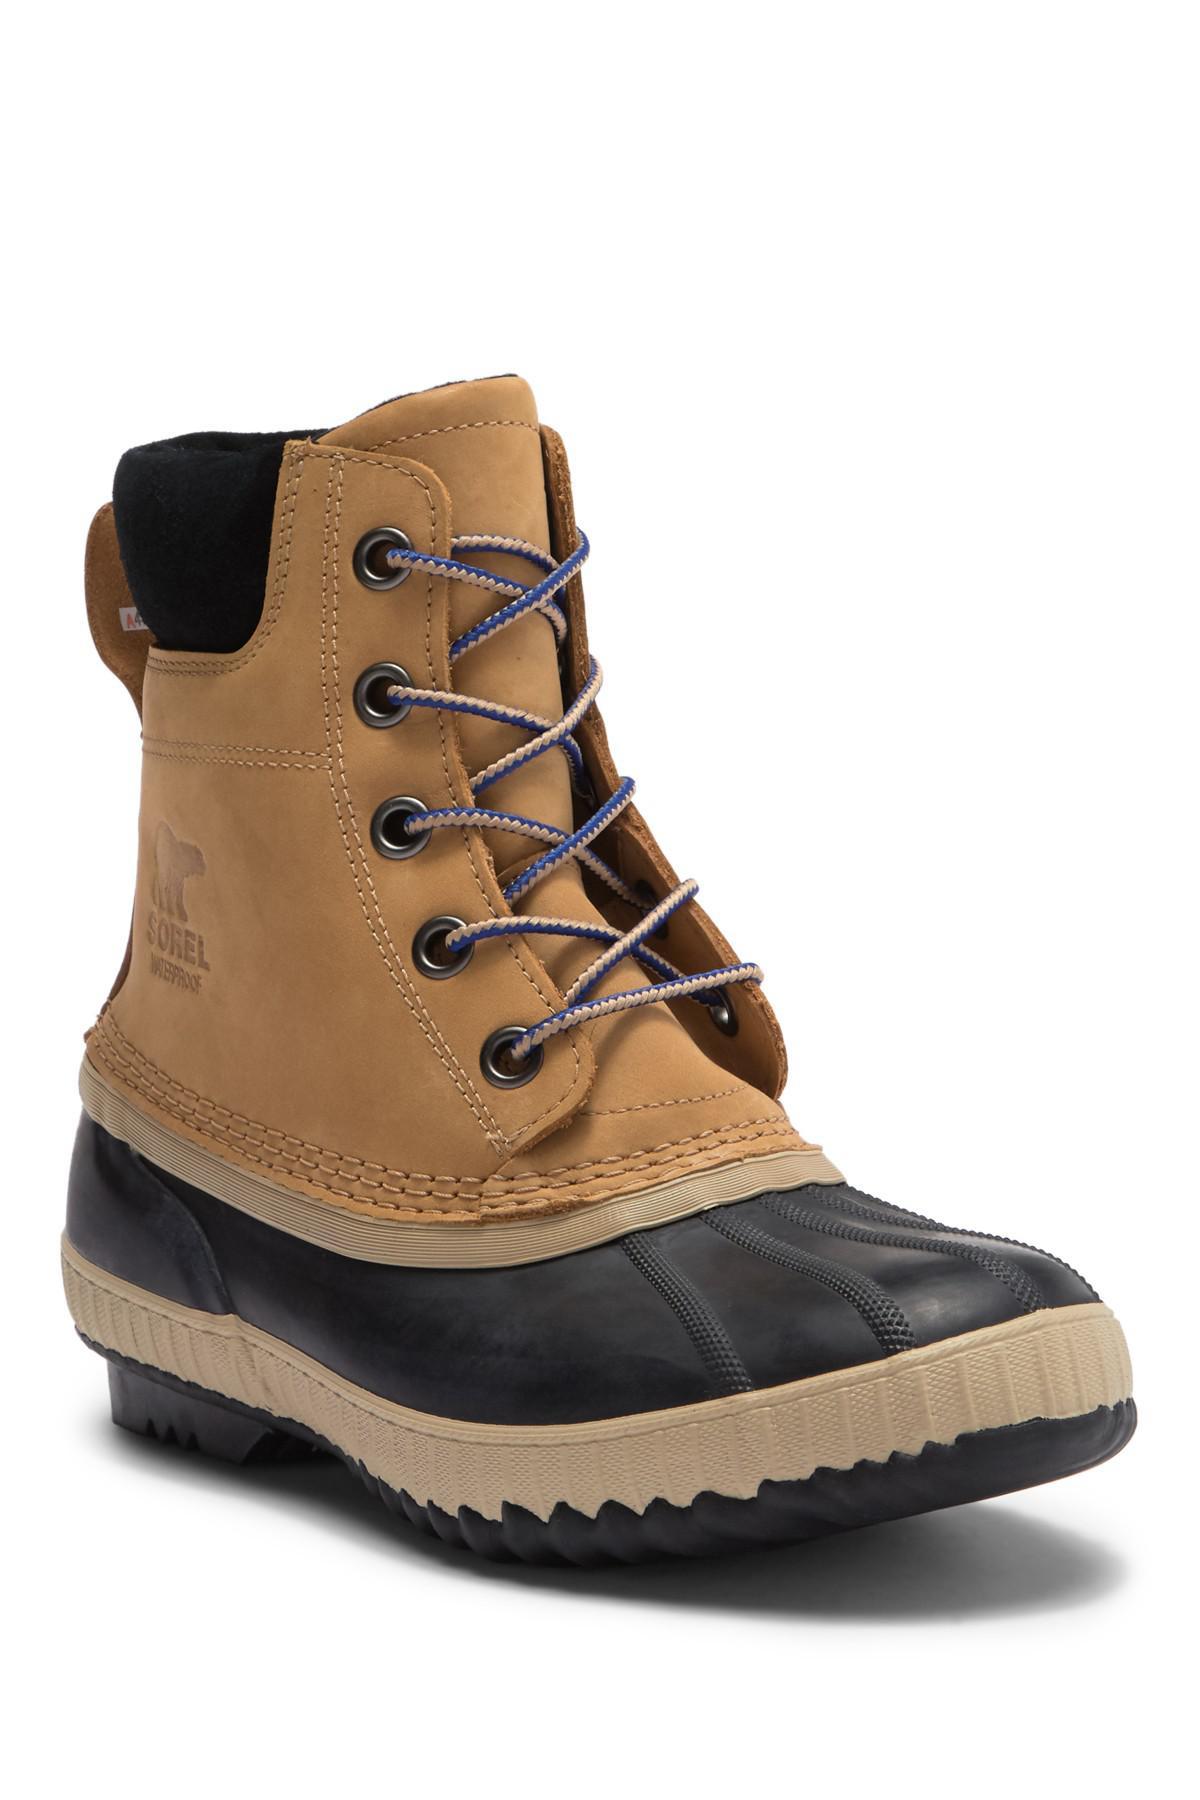 a6b0d96c9d3 Sorel. Women s Cheyanne Ii Waterproof Leather Boot